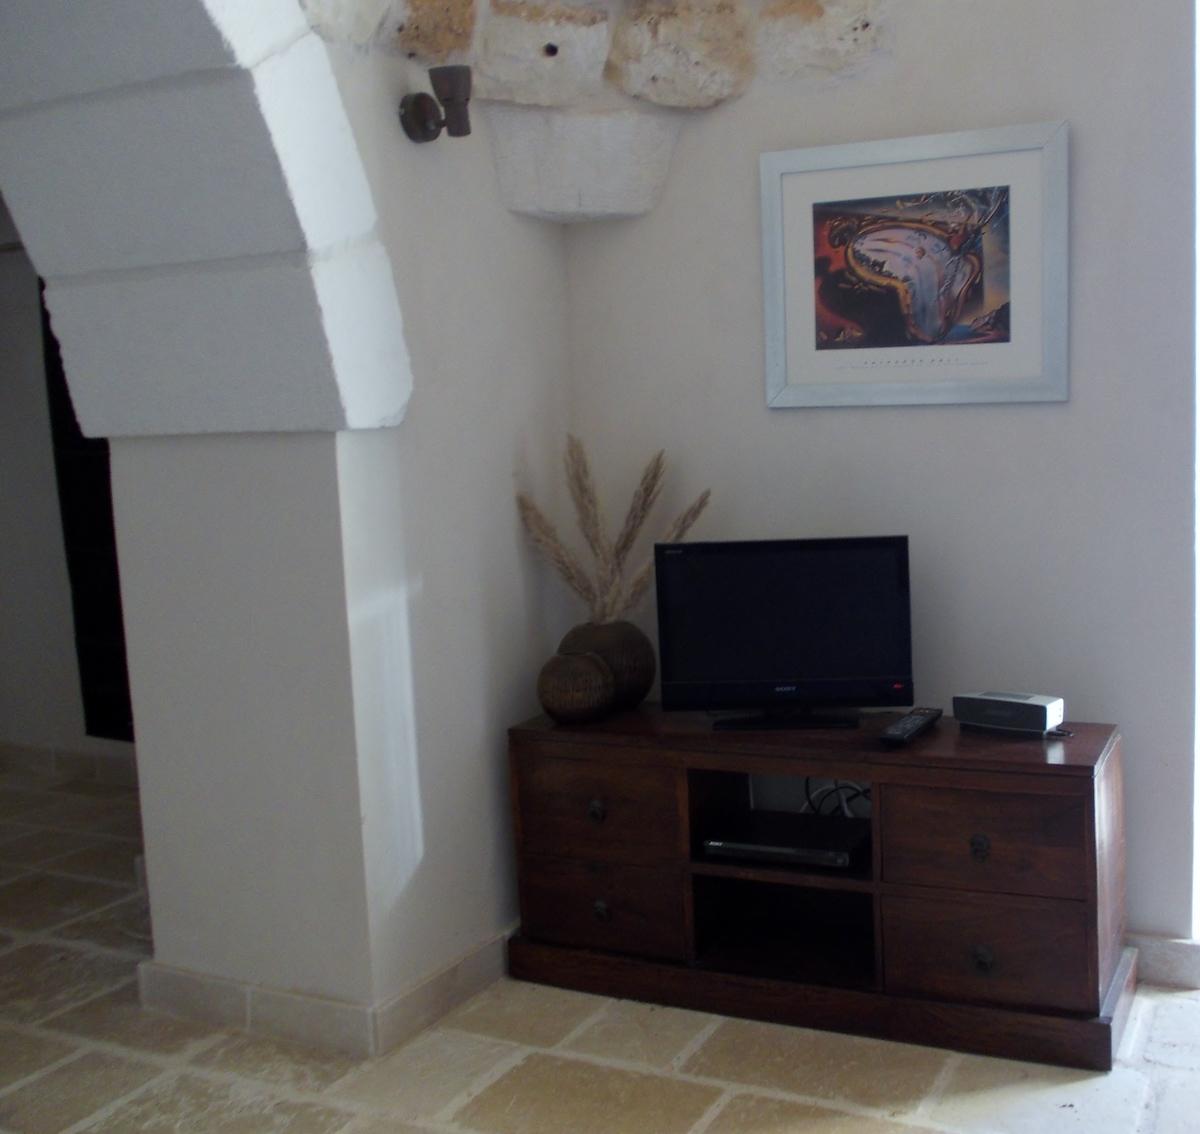 Gallery  Trullo Annunziata  Puglia Passion